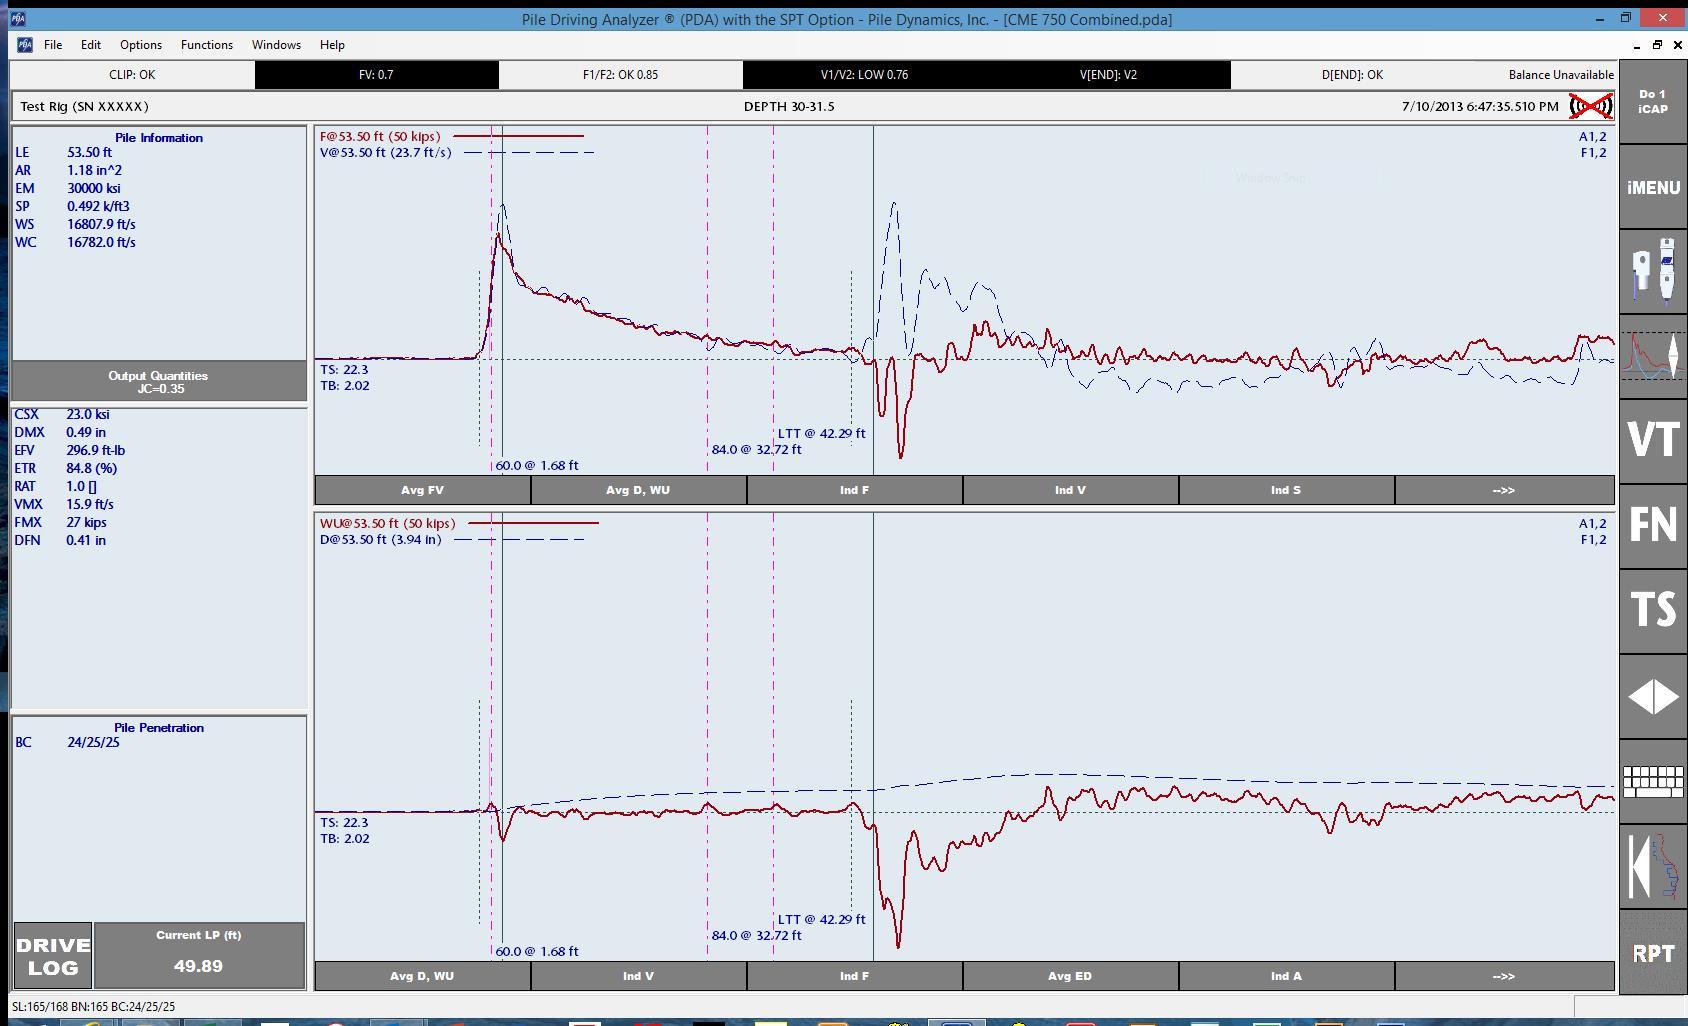 spt-analyzer-pile-dynamics-3